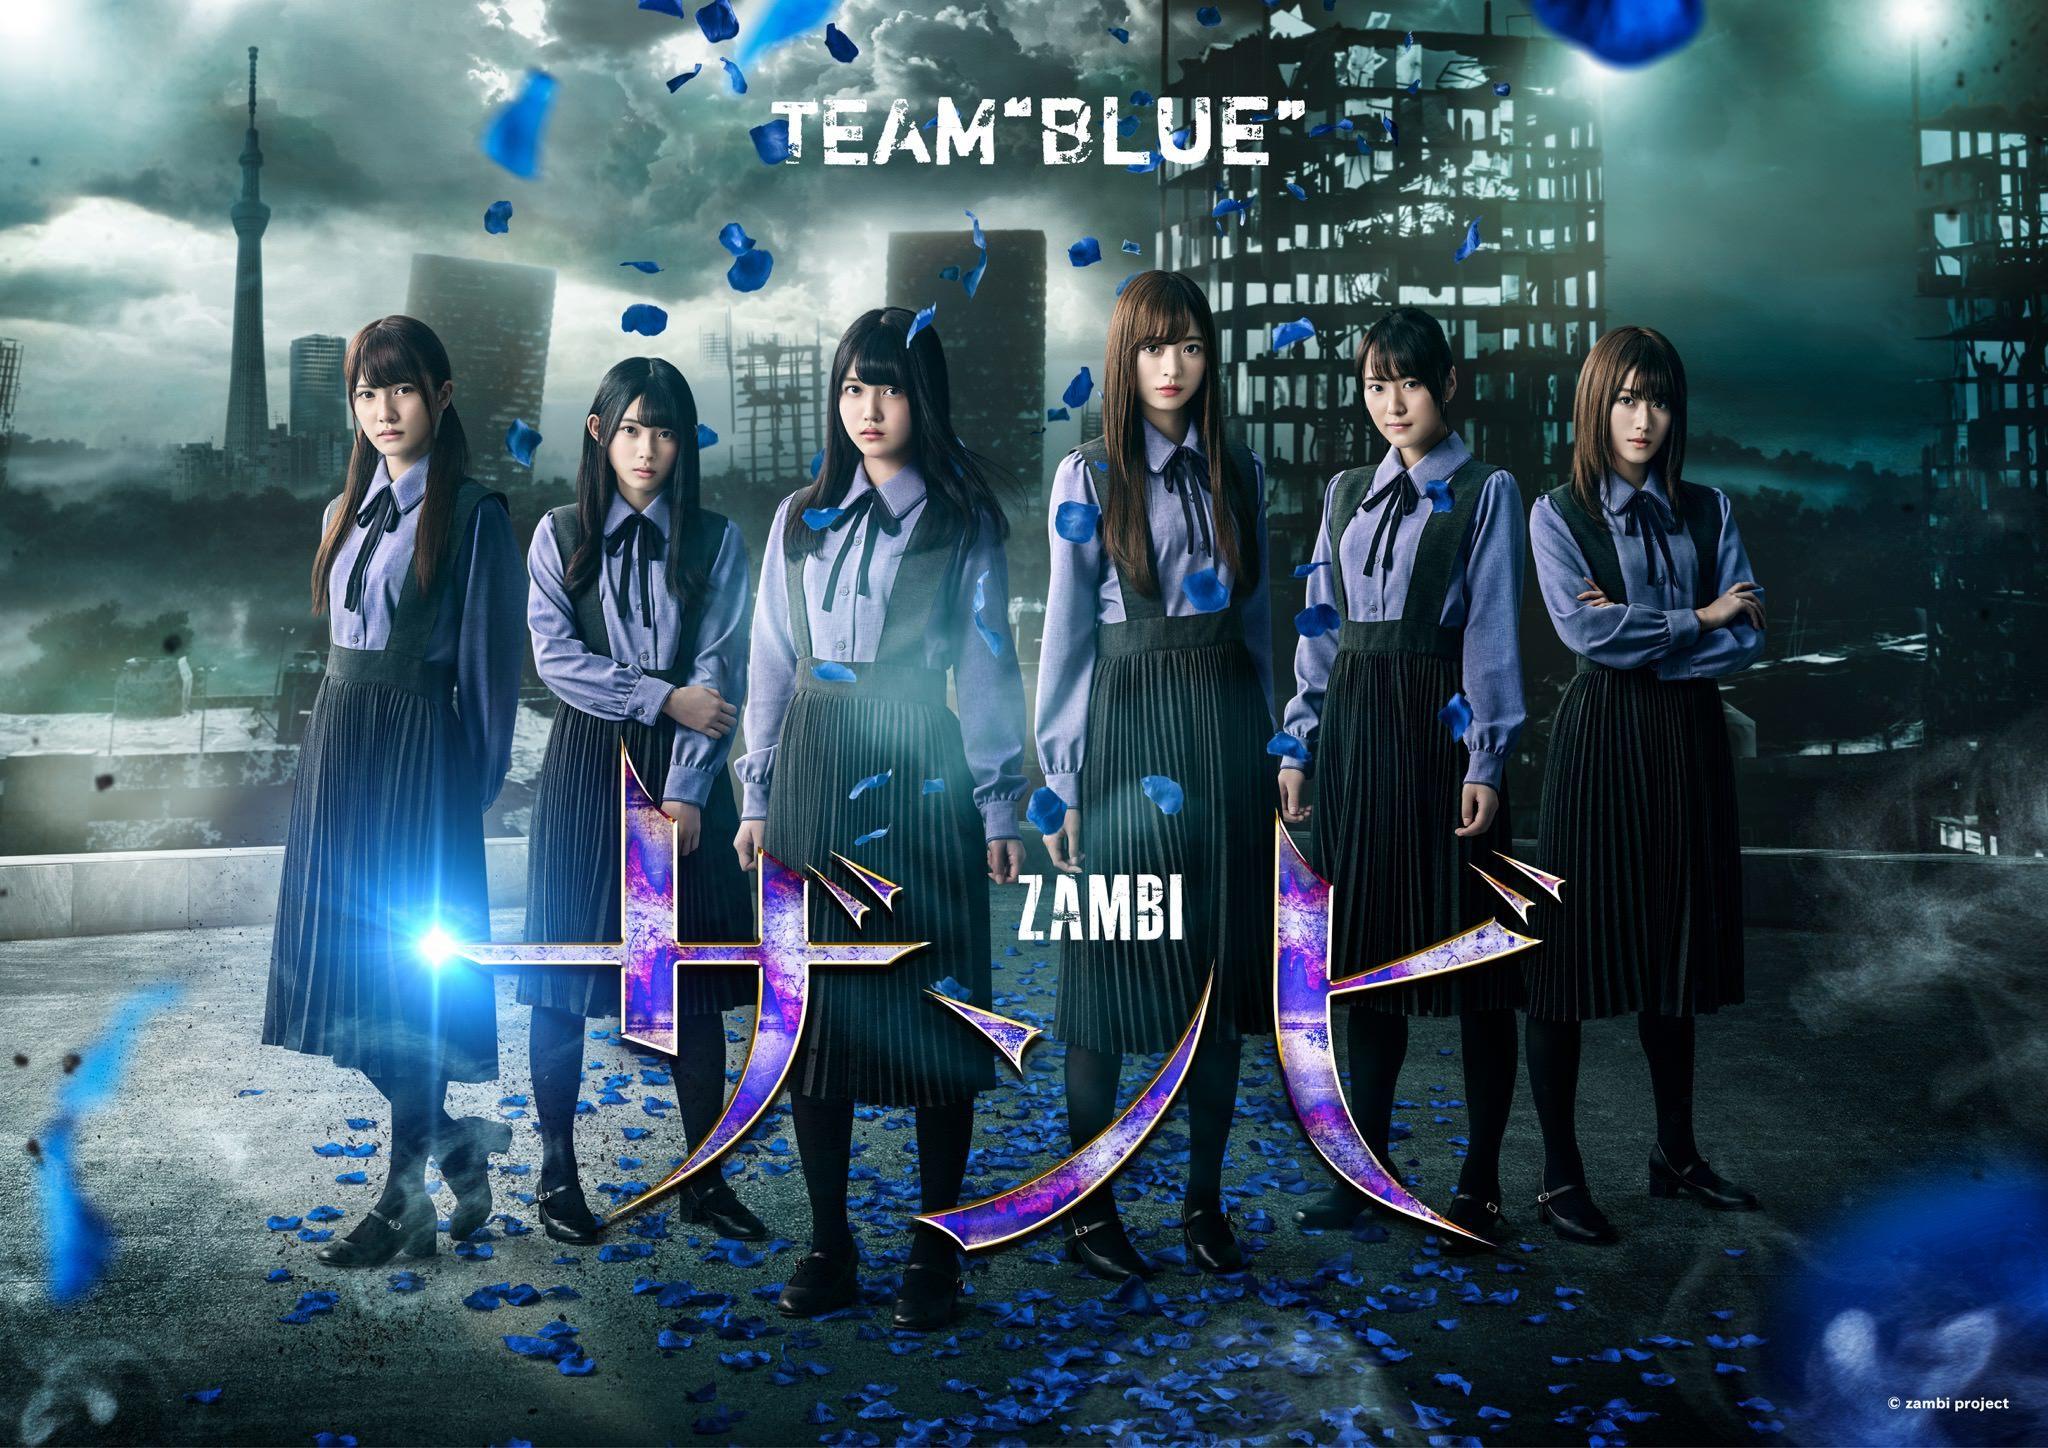 舞台「ザンビ」TEAM BLUEポスタービジュアル